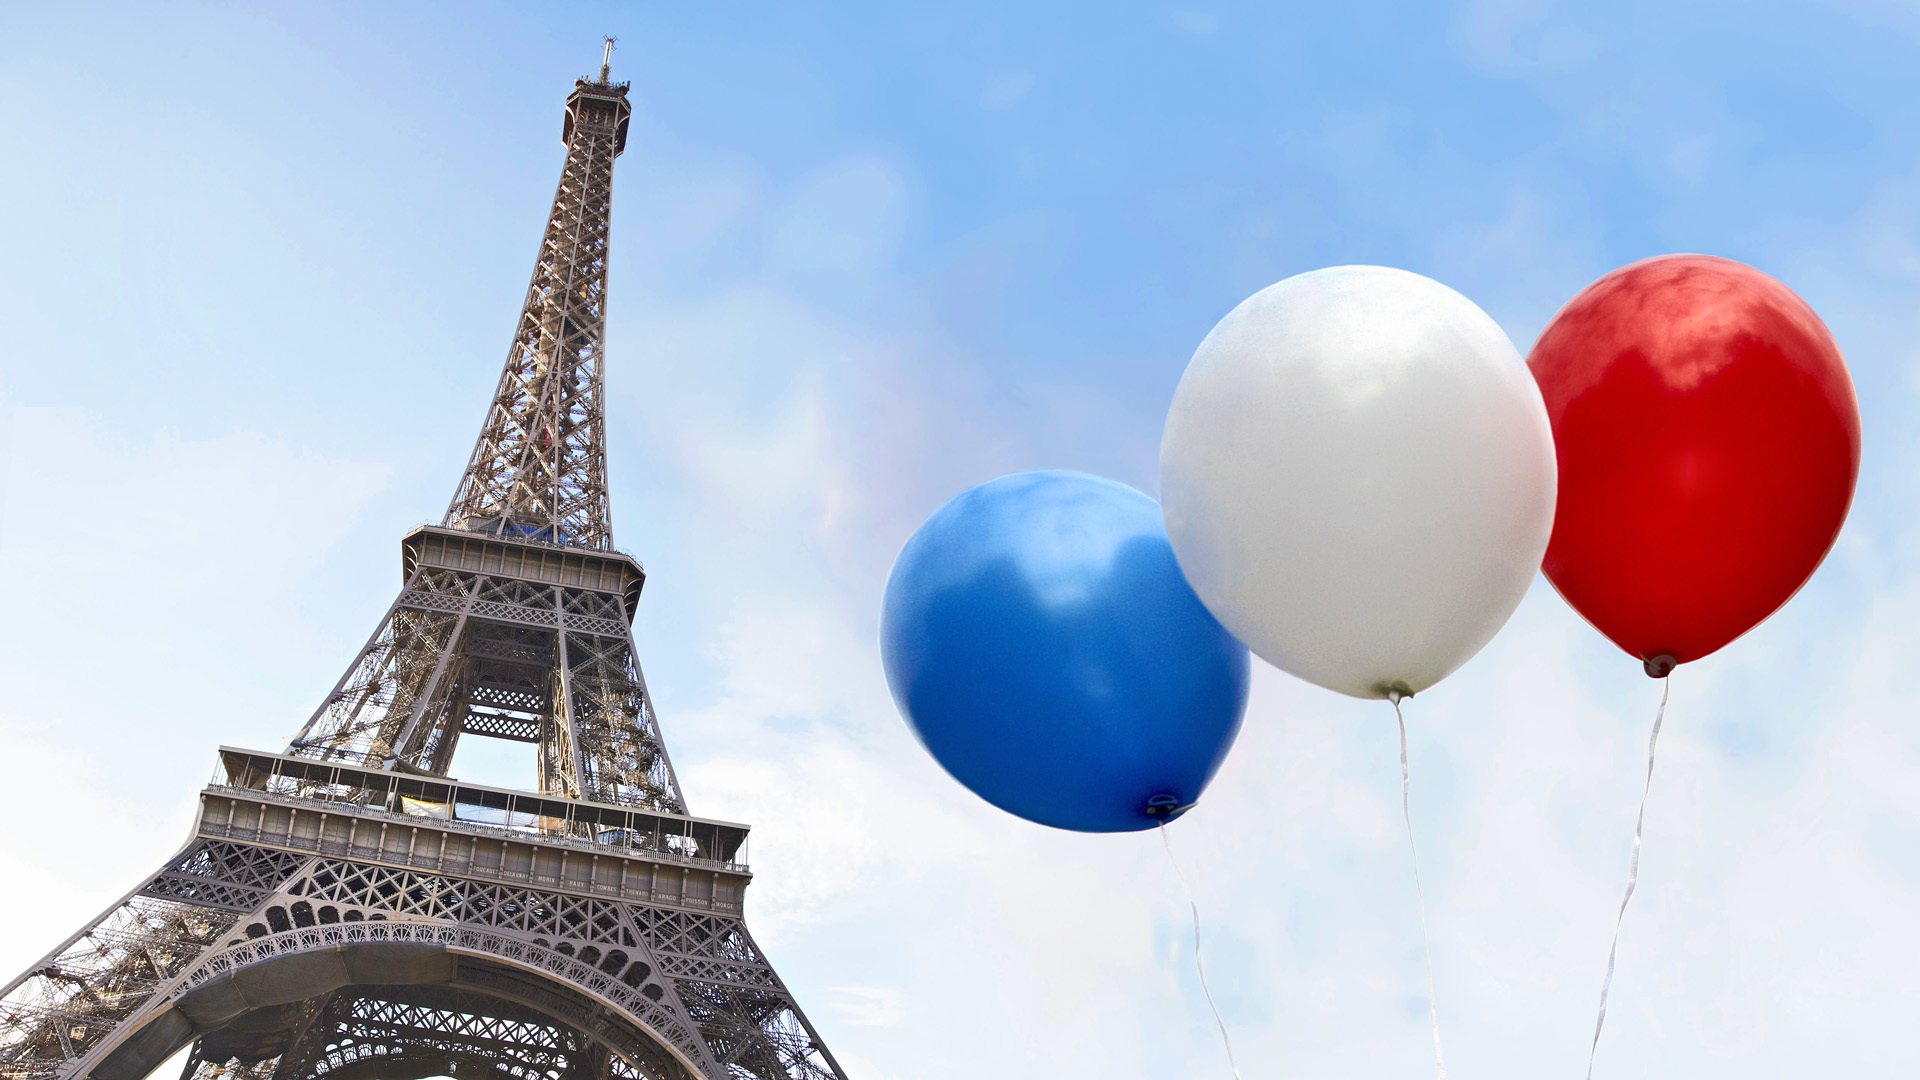 Да здравствует Франция! смотреть фото